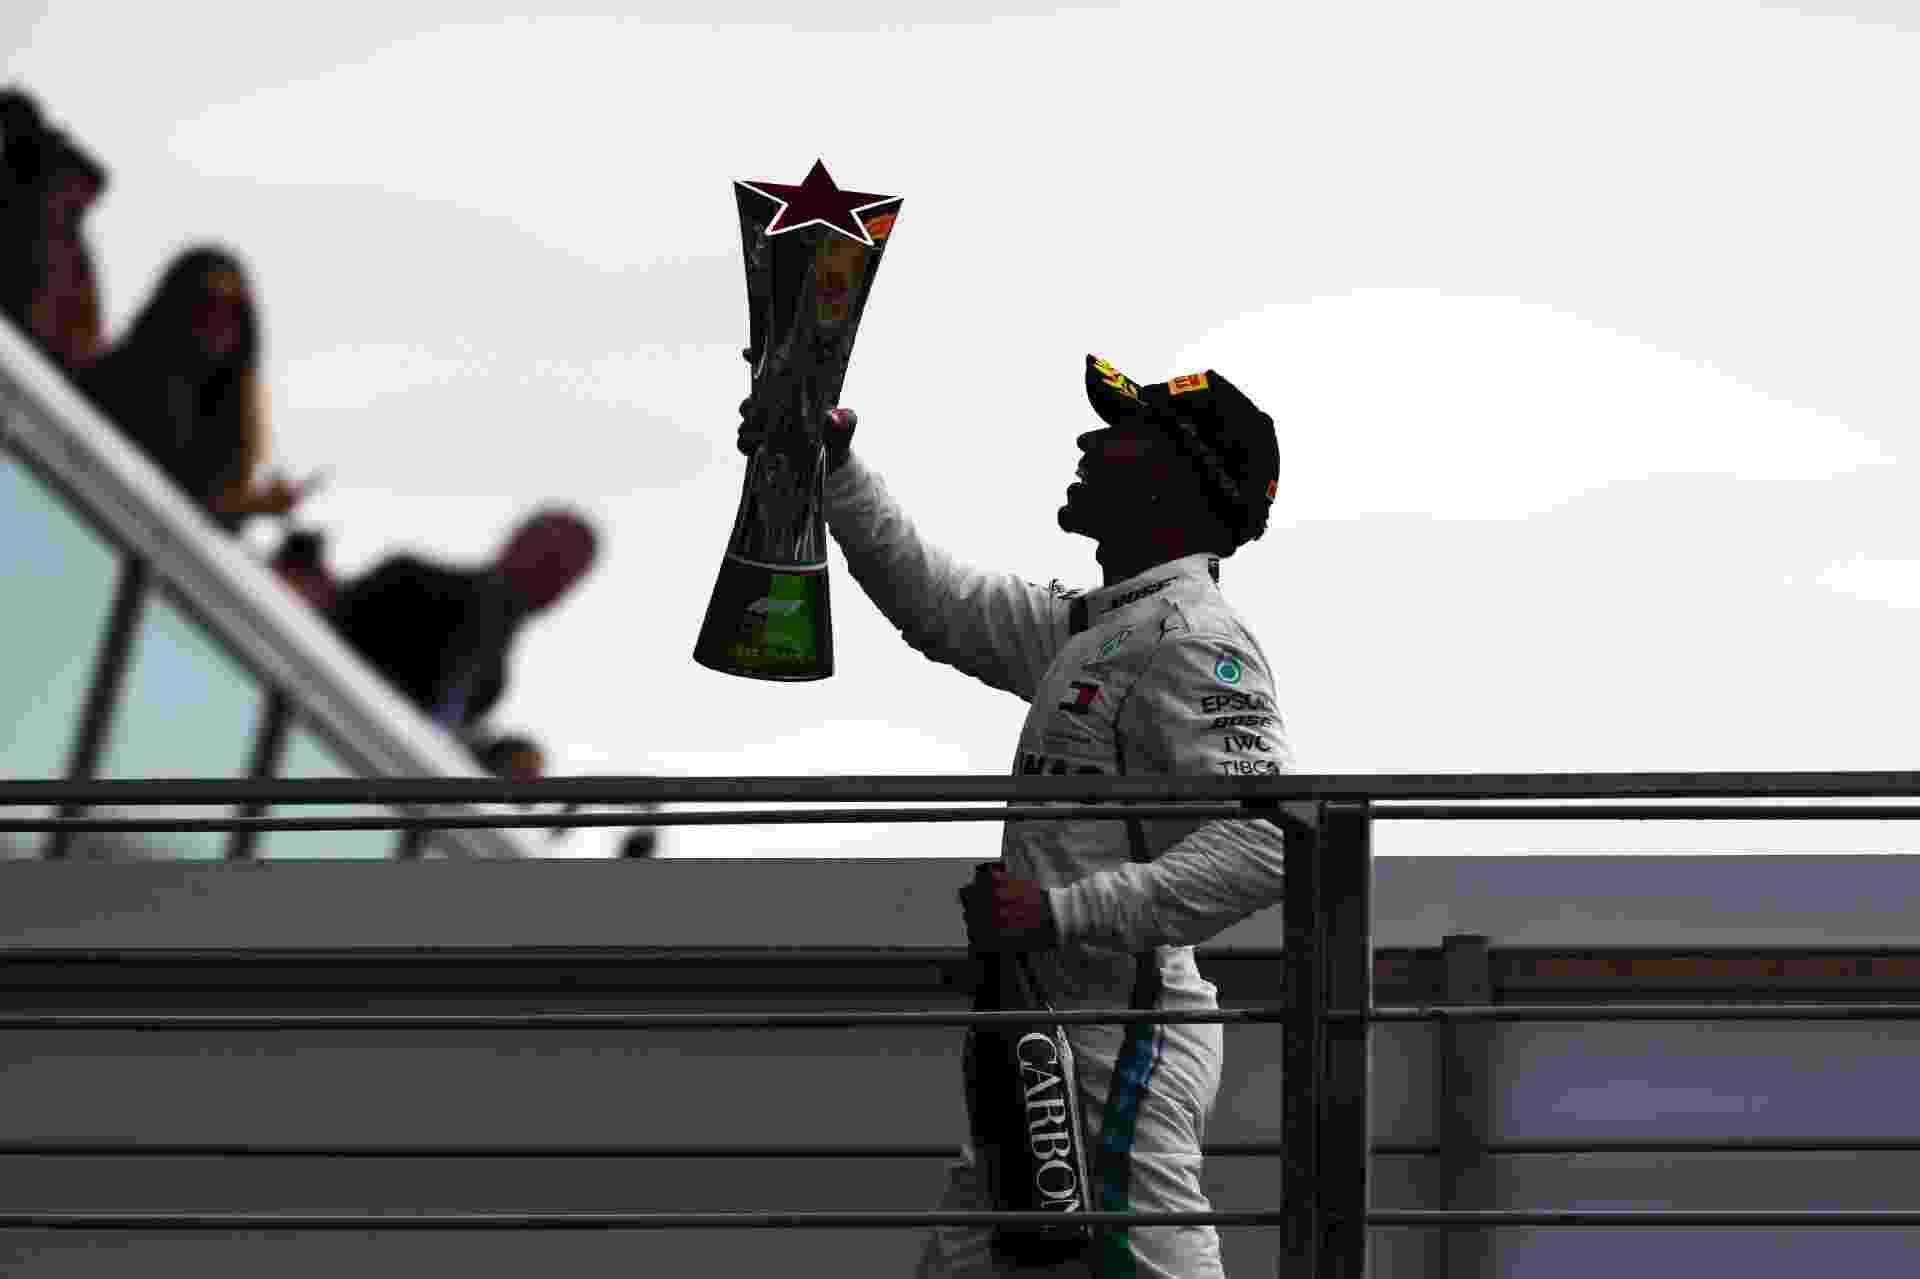 GP da Itália (2 de setembro): Hamilton venceu e deu início à sequência de quatro vitórias seguidas - Charles Coates/Getty Images